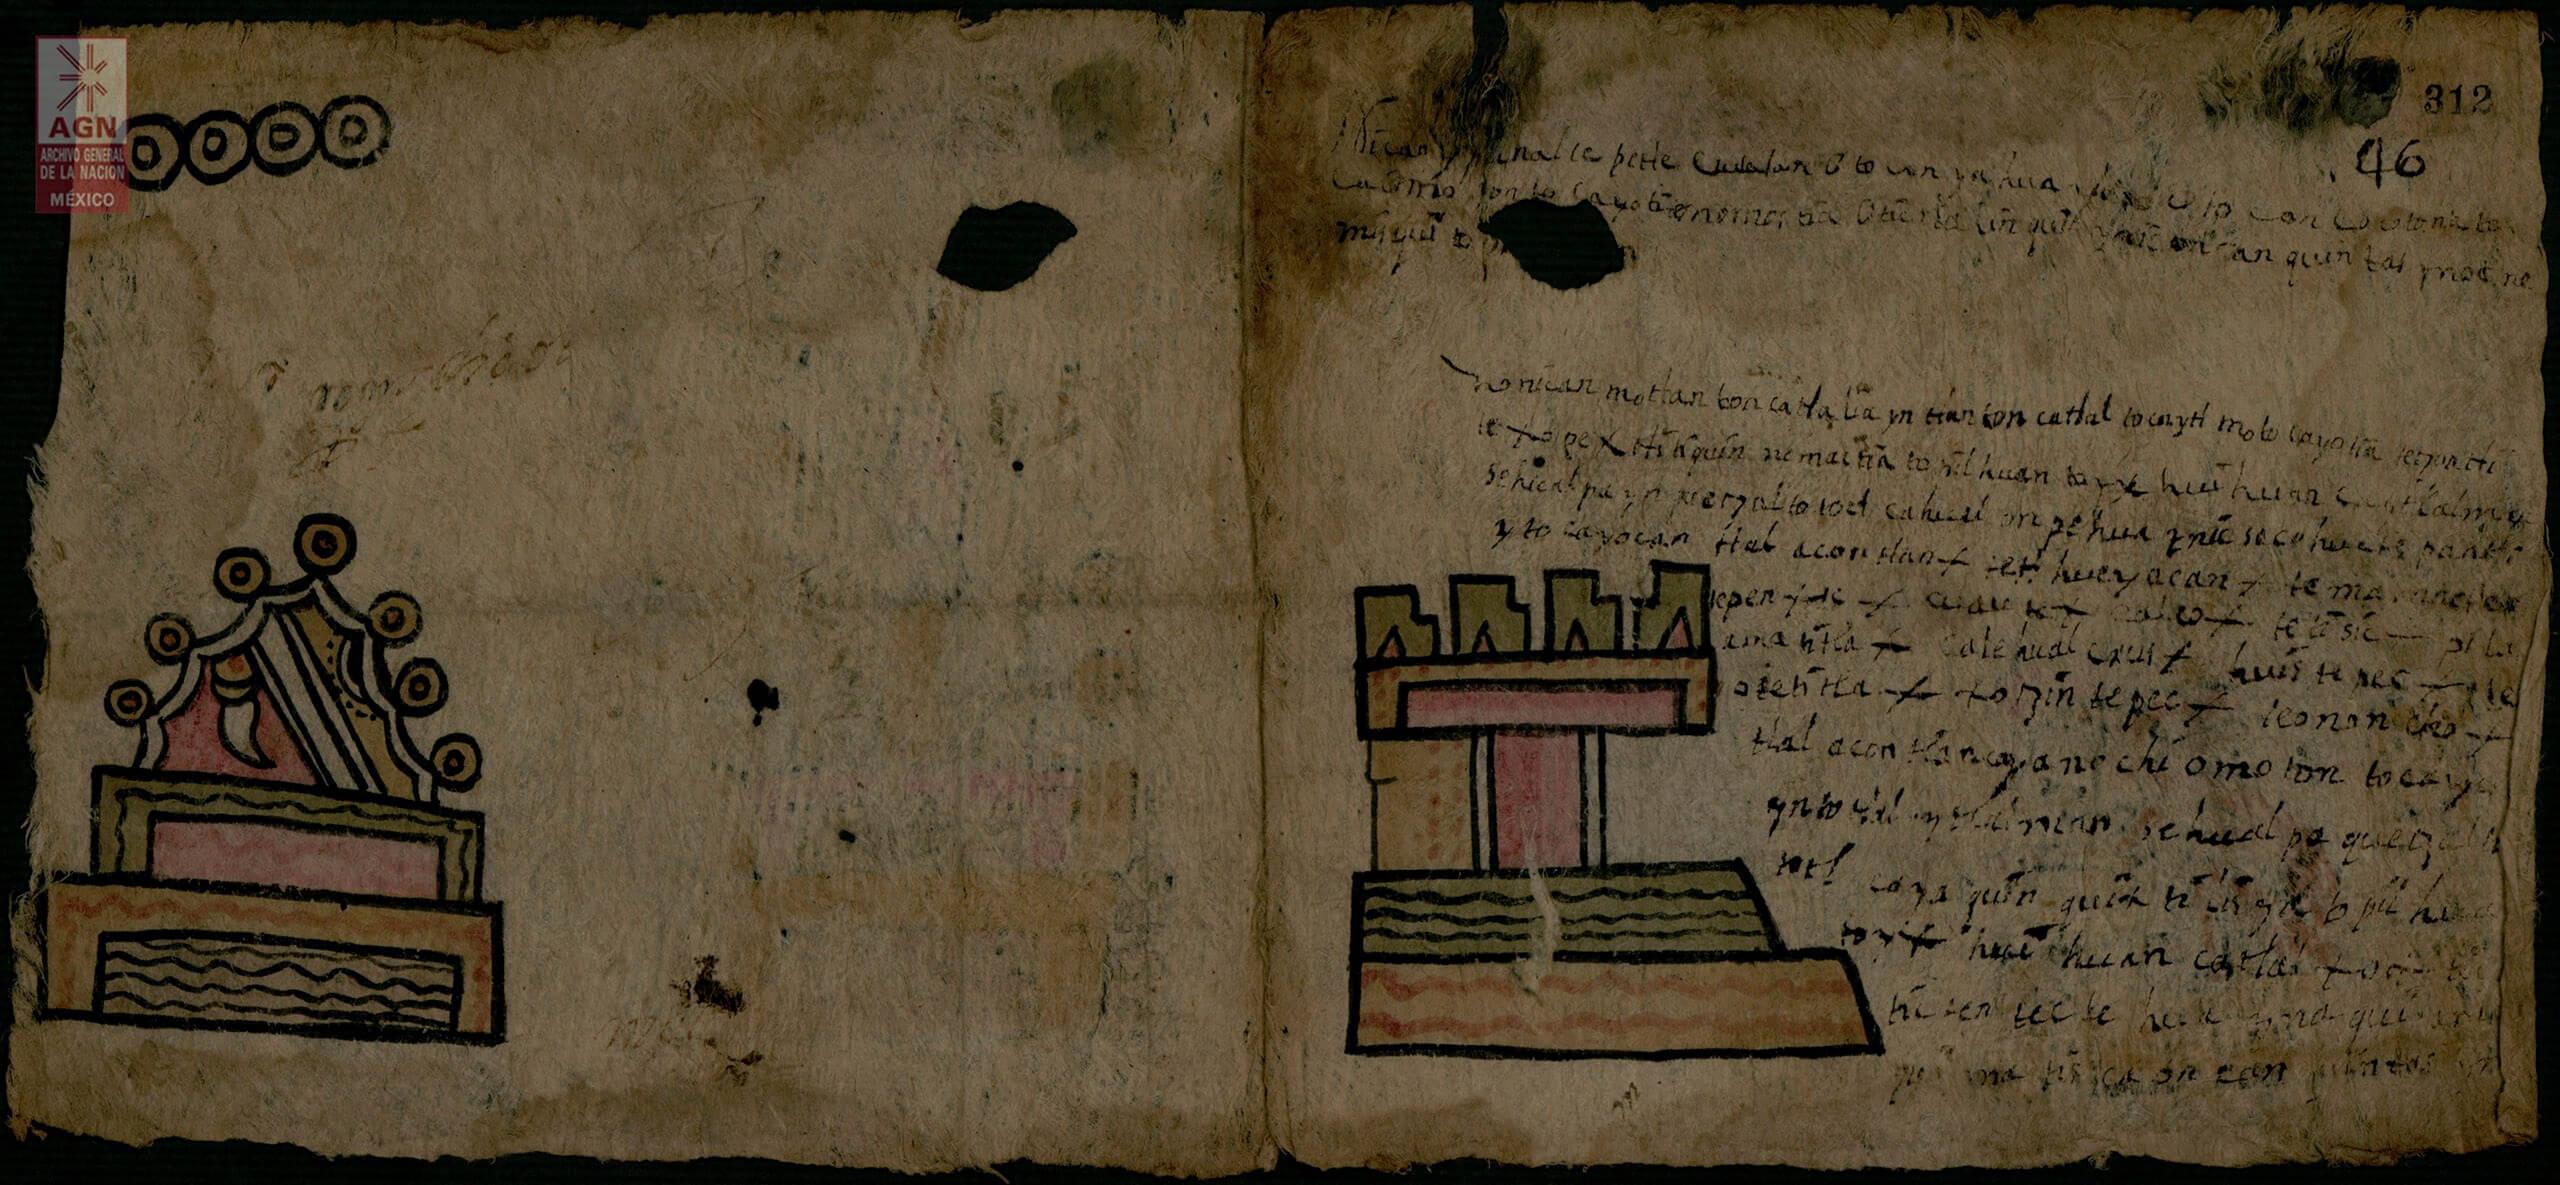 Códice de Coetzala, Chiautla de la Sal, Puebla | In Tlilli in Tlapalli. Imágenes de la nueva tierra: identidad indígena después de la conquista | Museo Amparo, Puebla